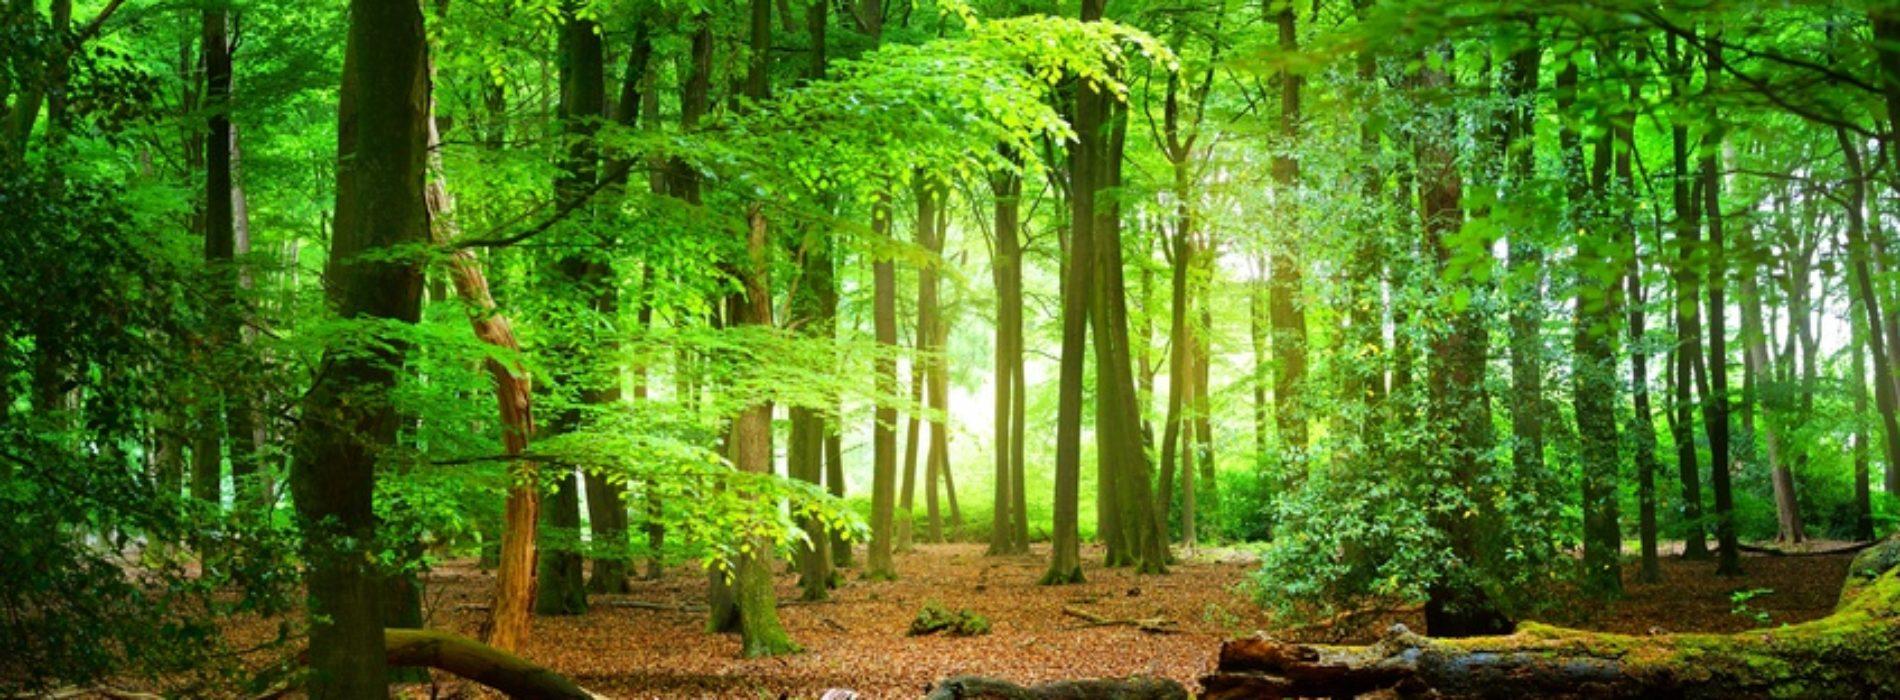 Żyj w zgodzie z naturą. Jak chronić lasy?